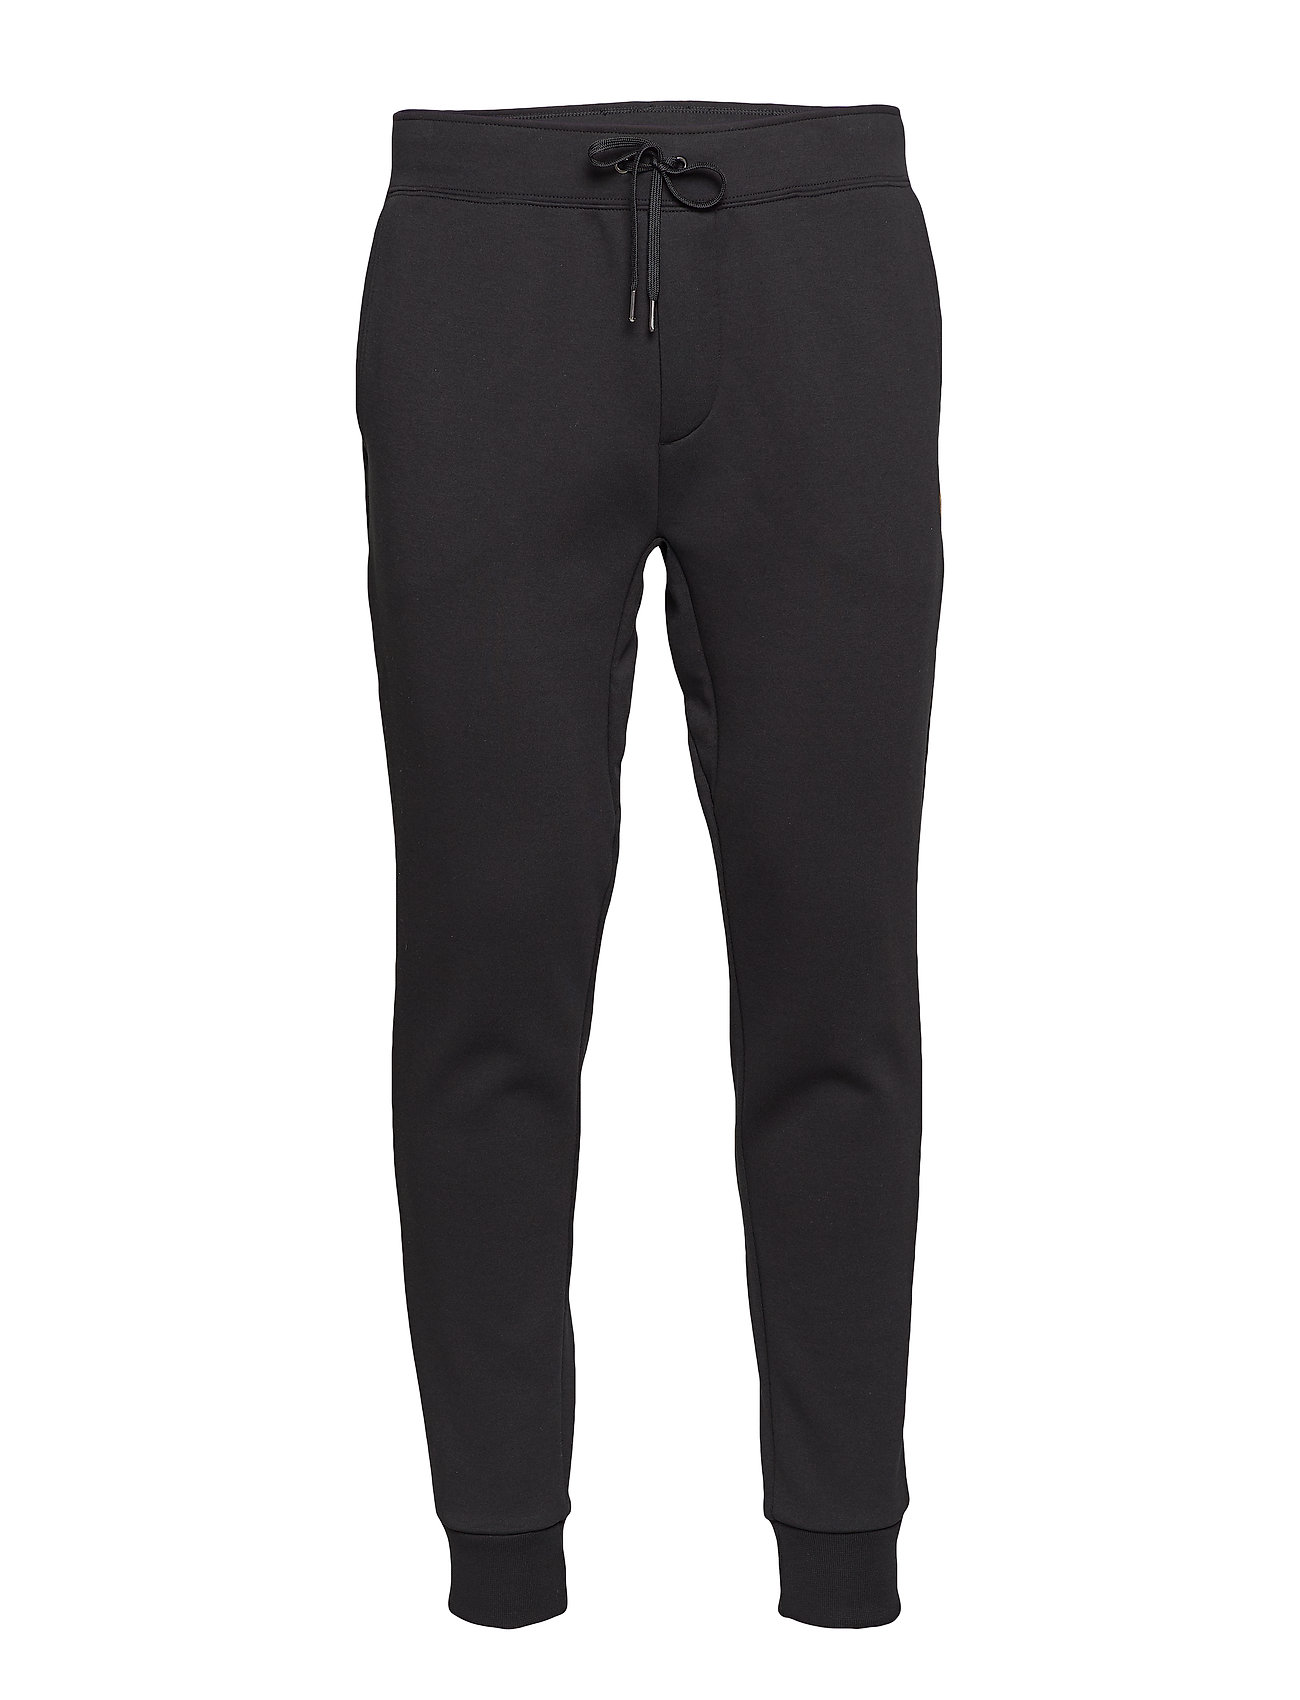 Polo Ralph Lauren Double-Knit Jogger